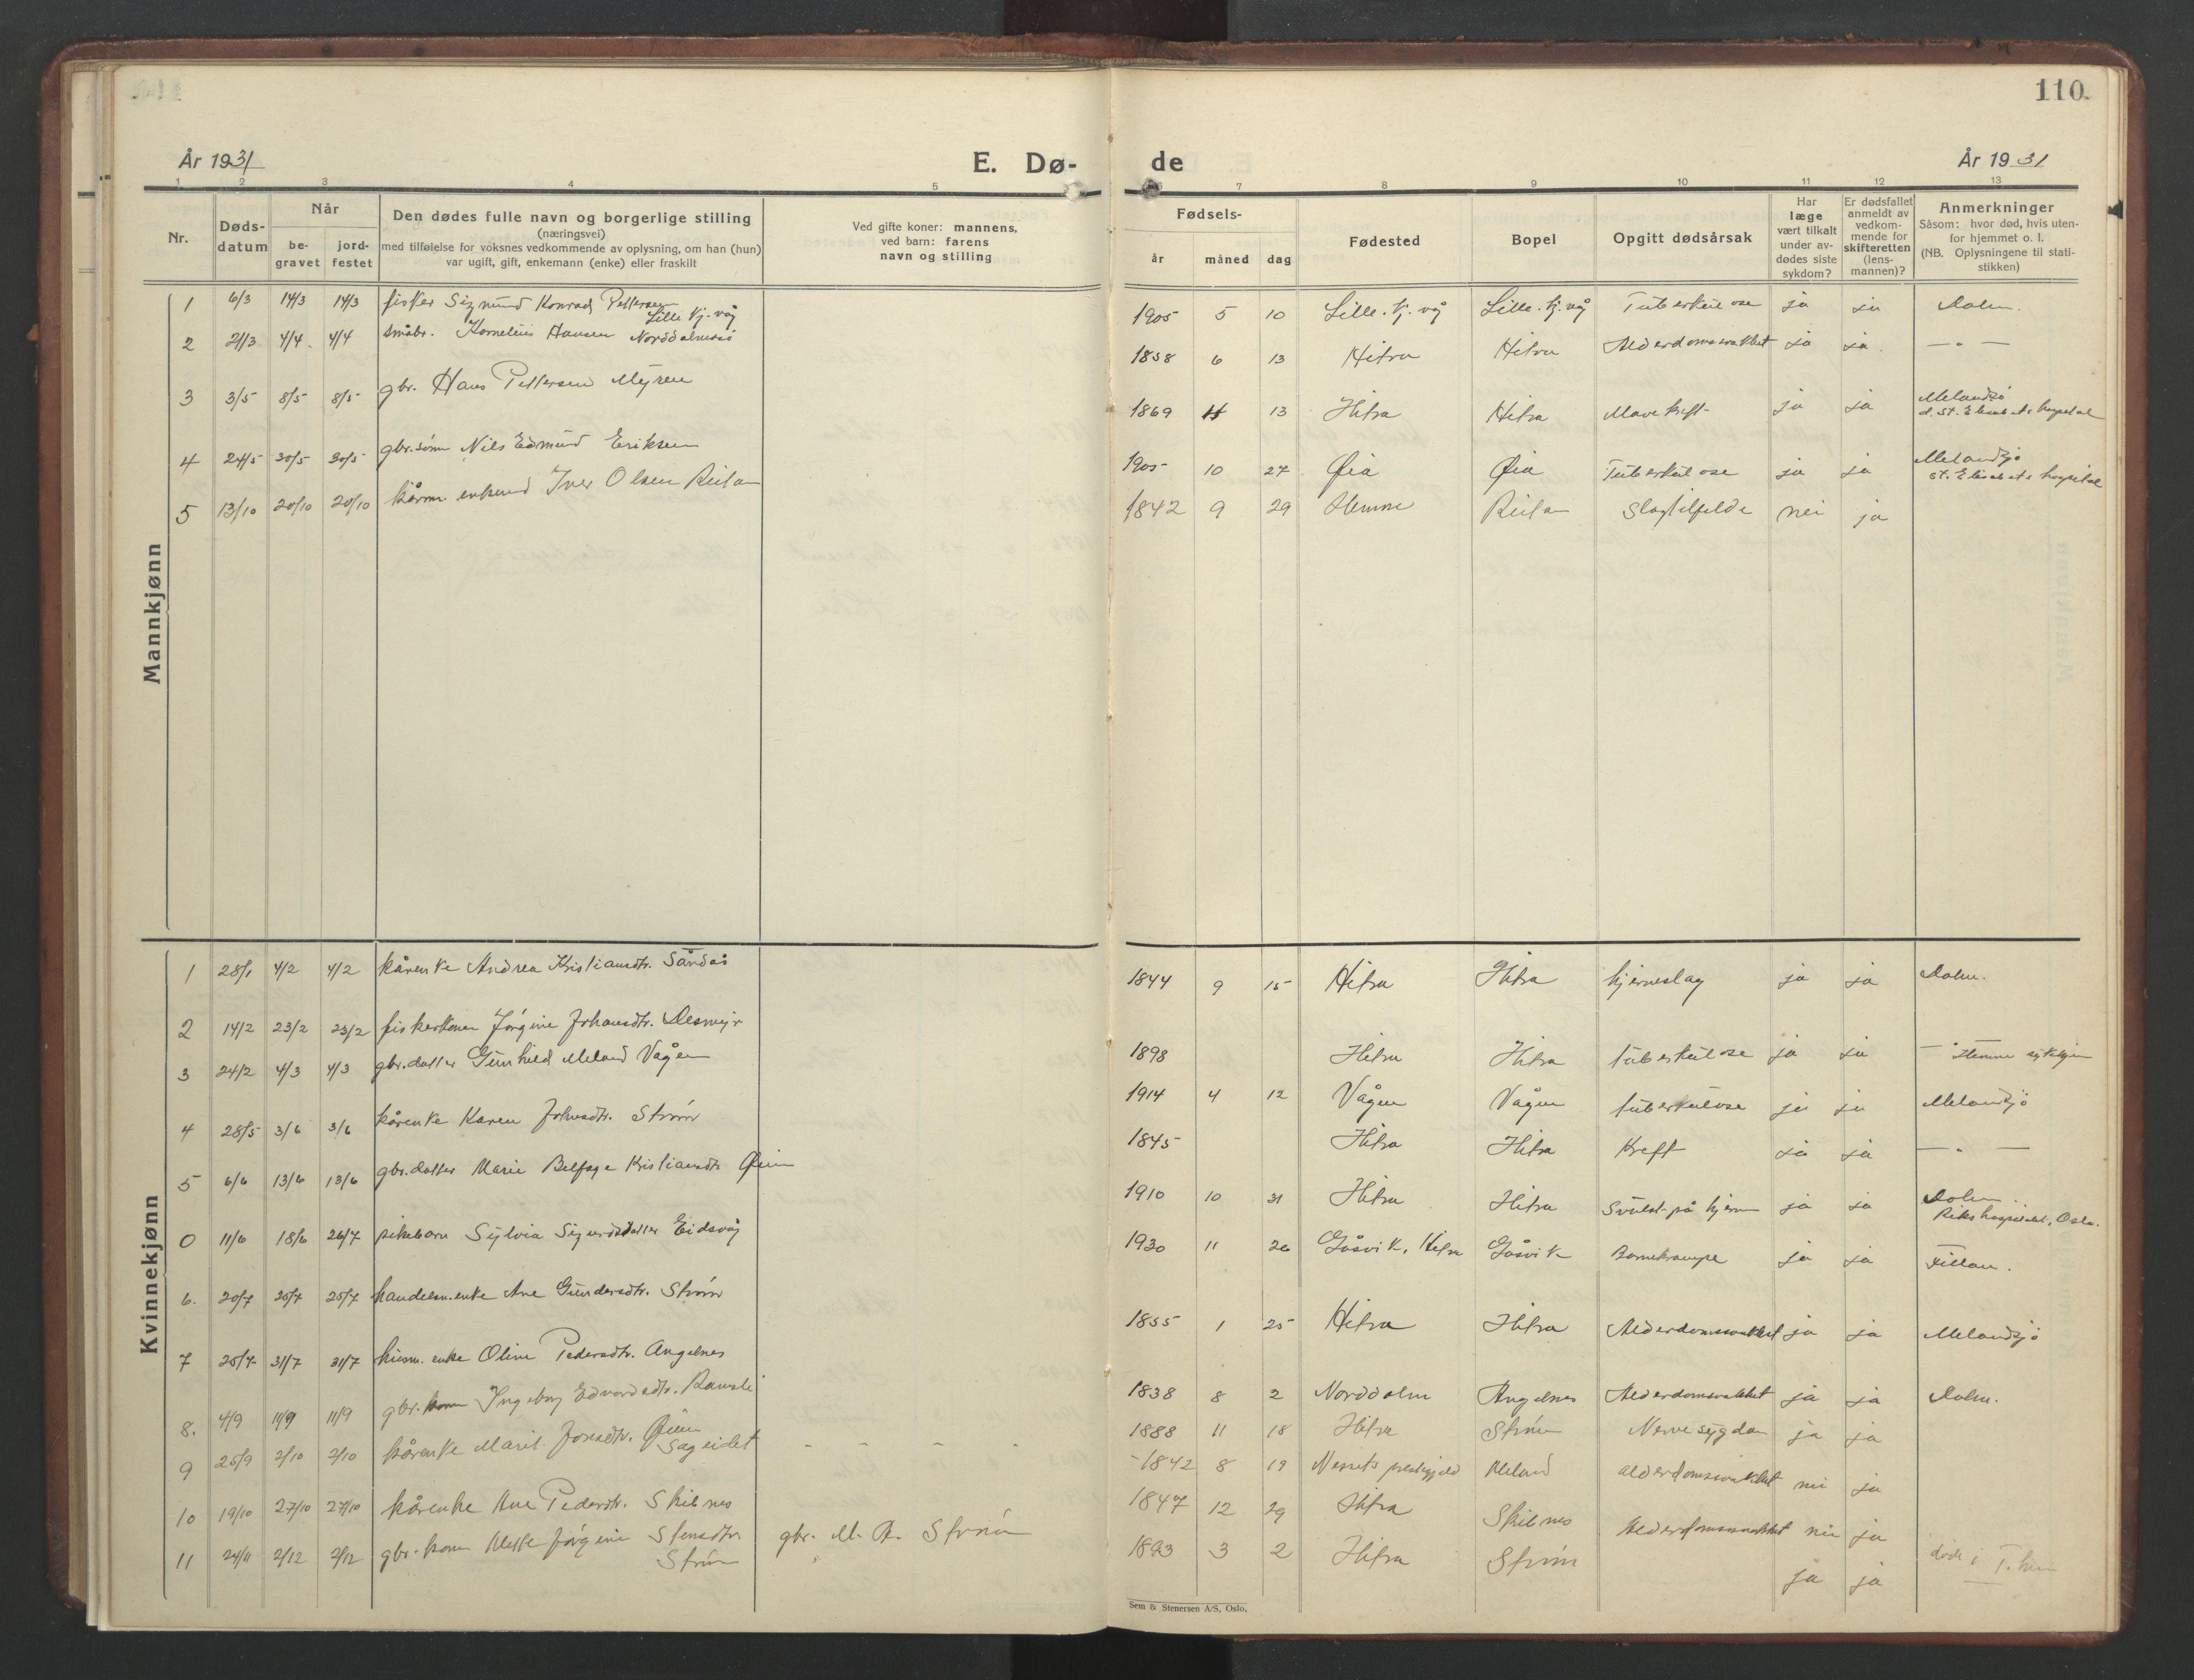 SAT, Ministerialprotokoller, klokkerbøker og fødselsregistre - Sør-Trøndelag, 634/L0544: Klokkerbok nr. 634C06, 1927-1948, s. 110